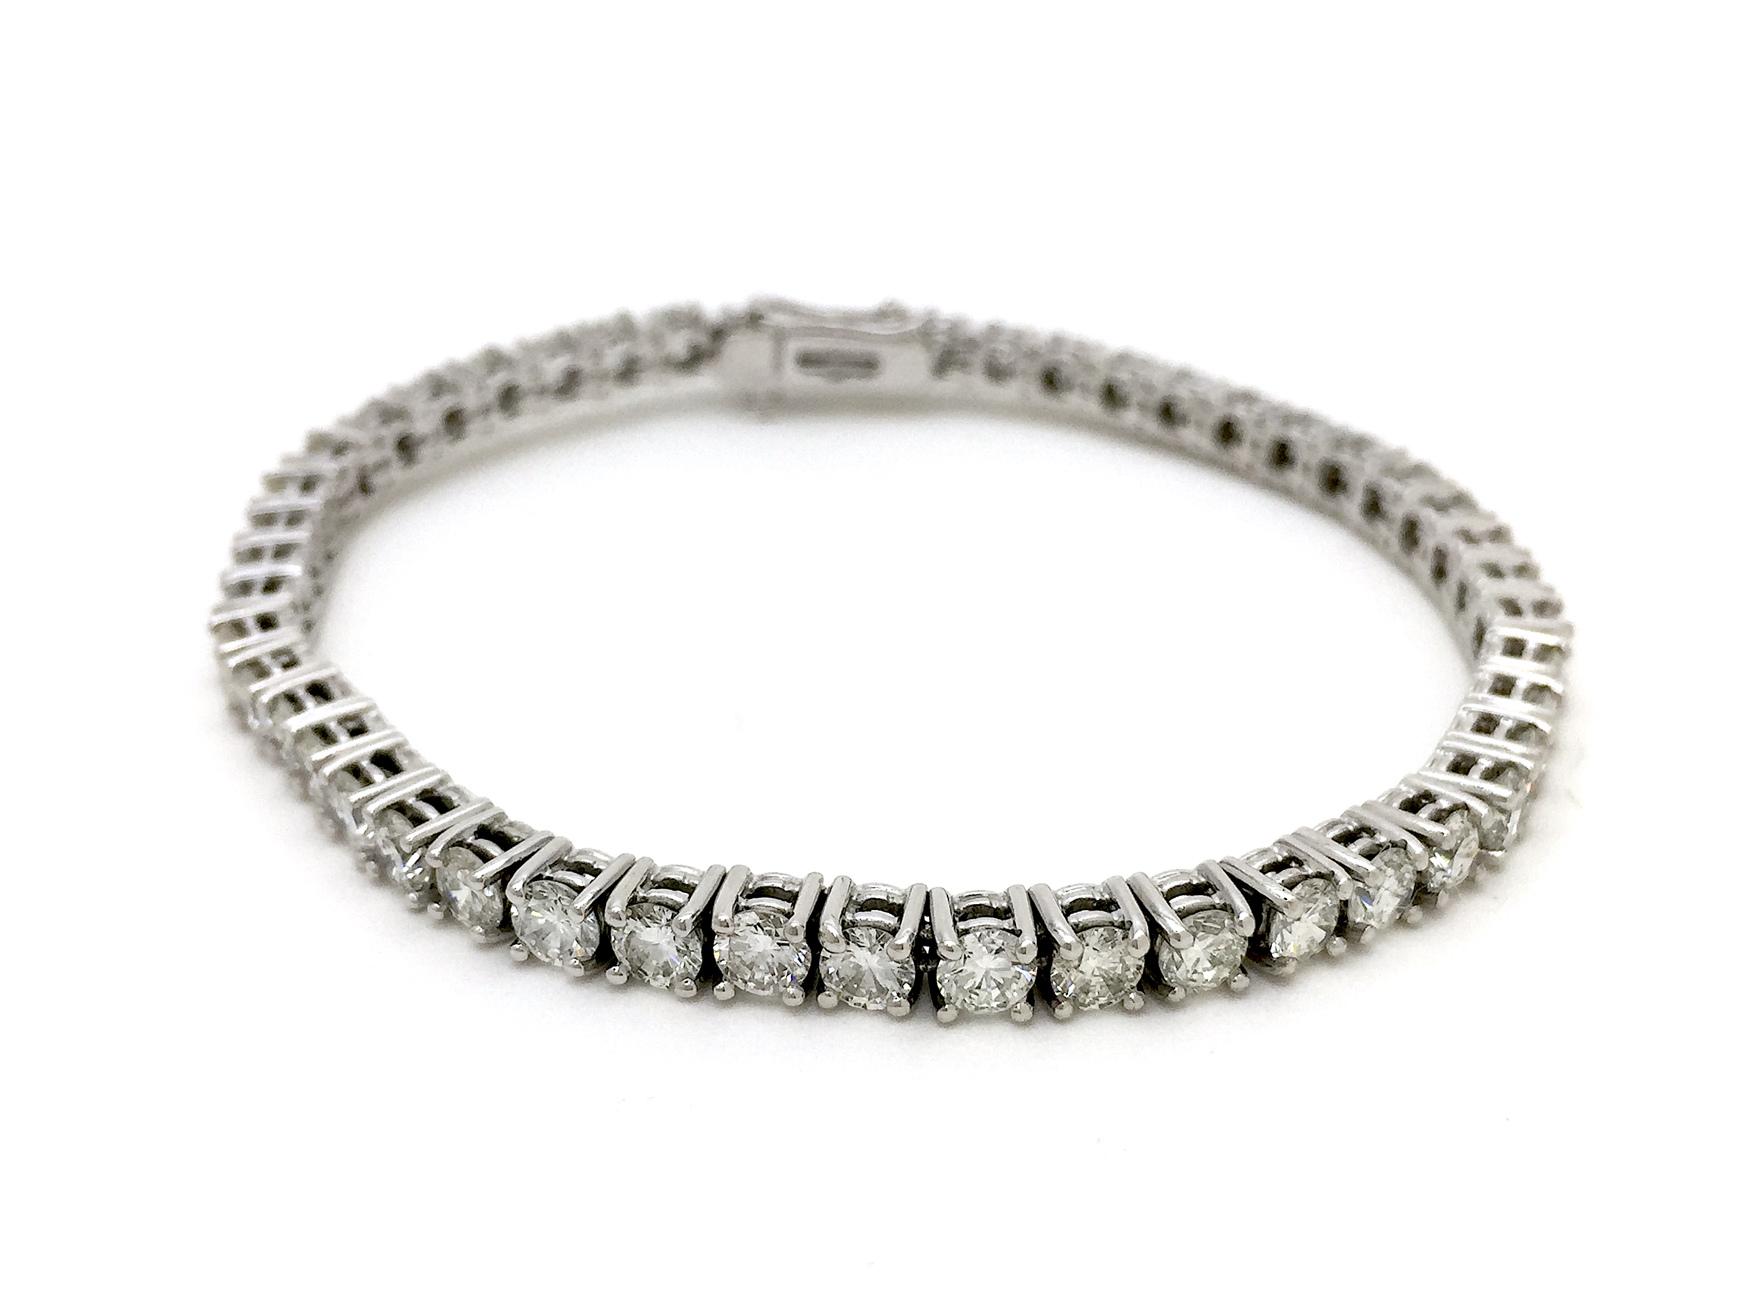 Sensi joyas alta joyería Granada plata compromiso PULSERA  ORO 18K BRILLANTES  8,70 CTS